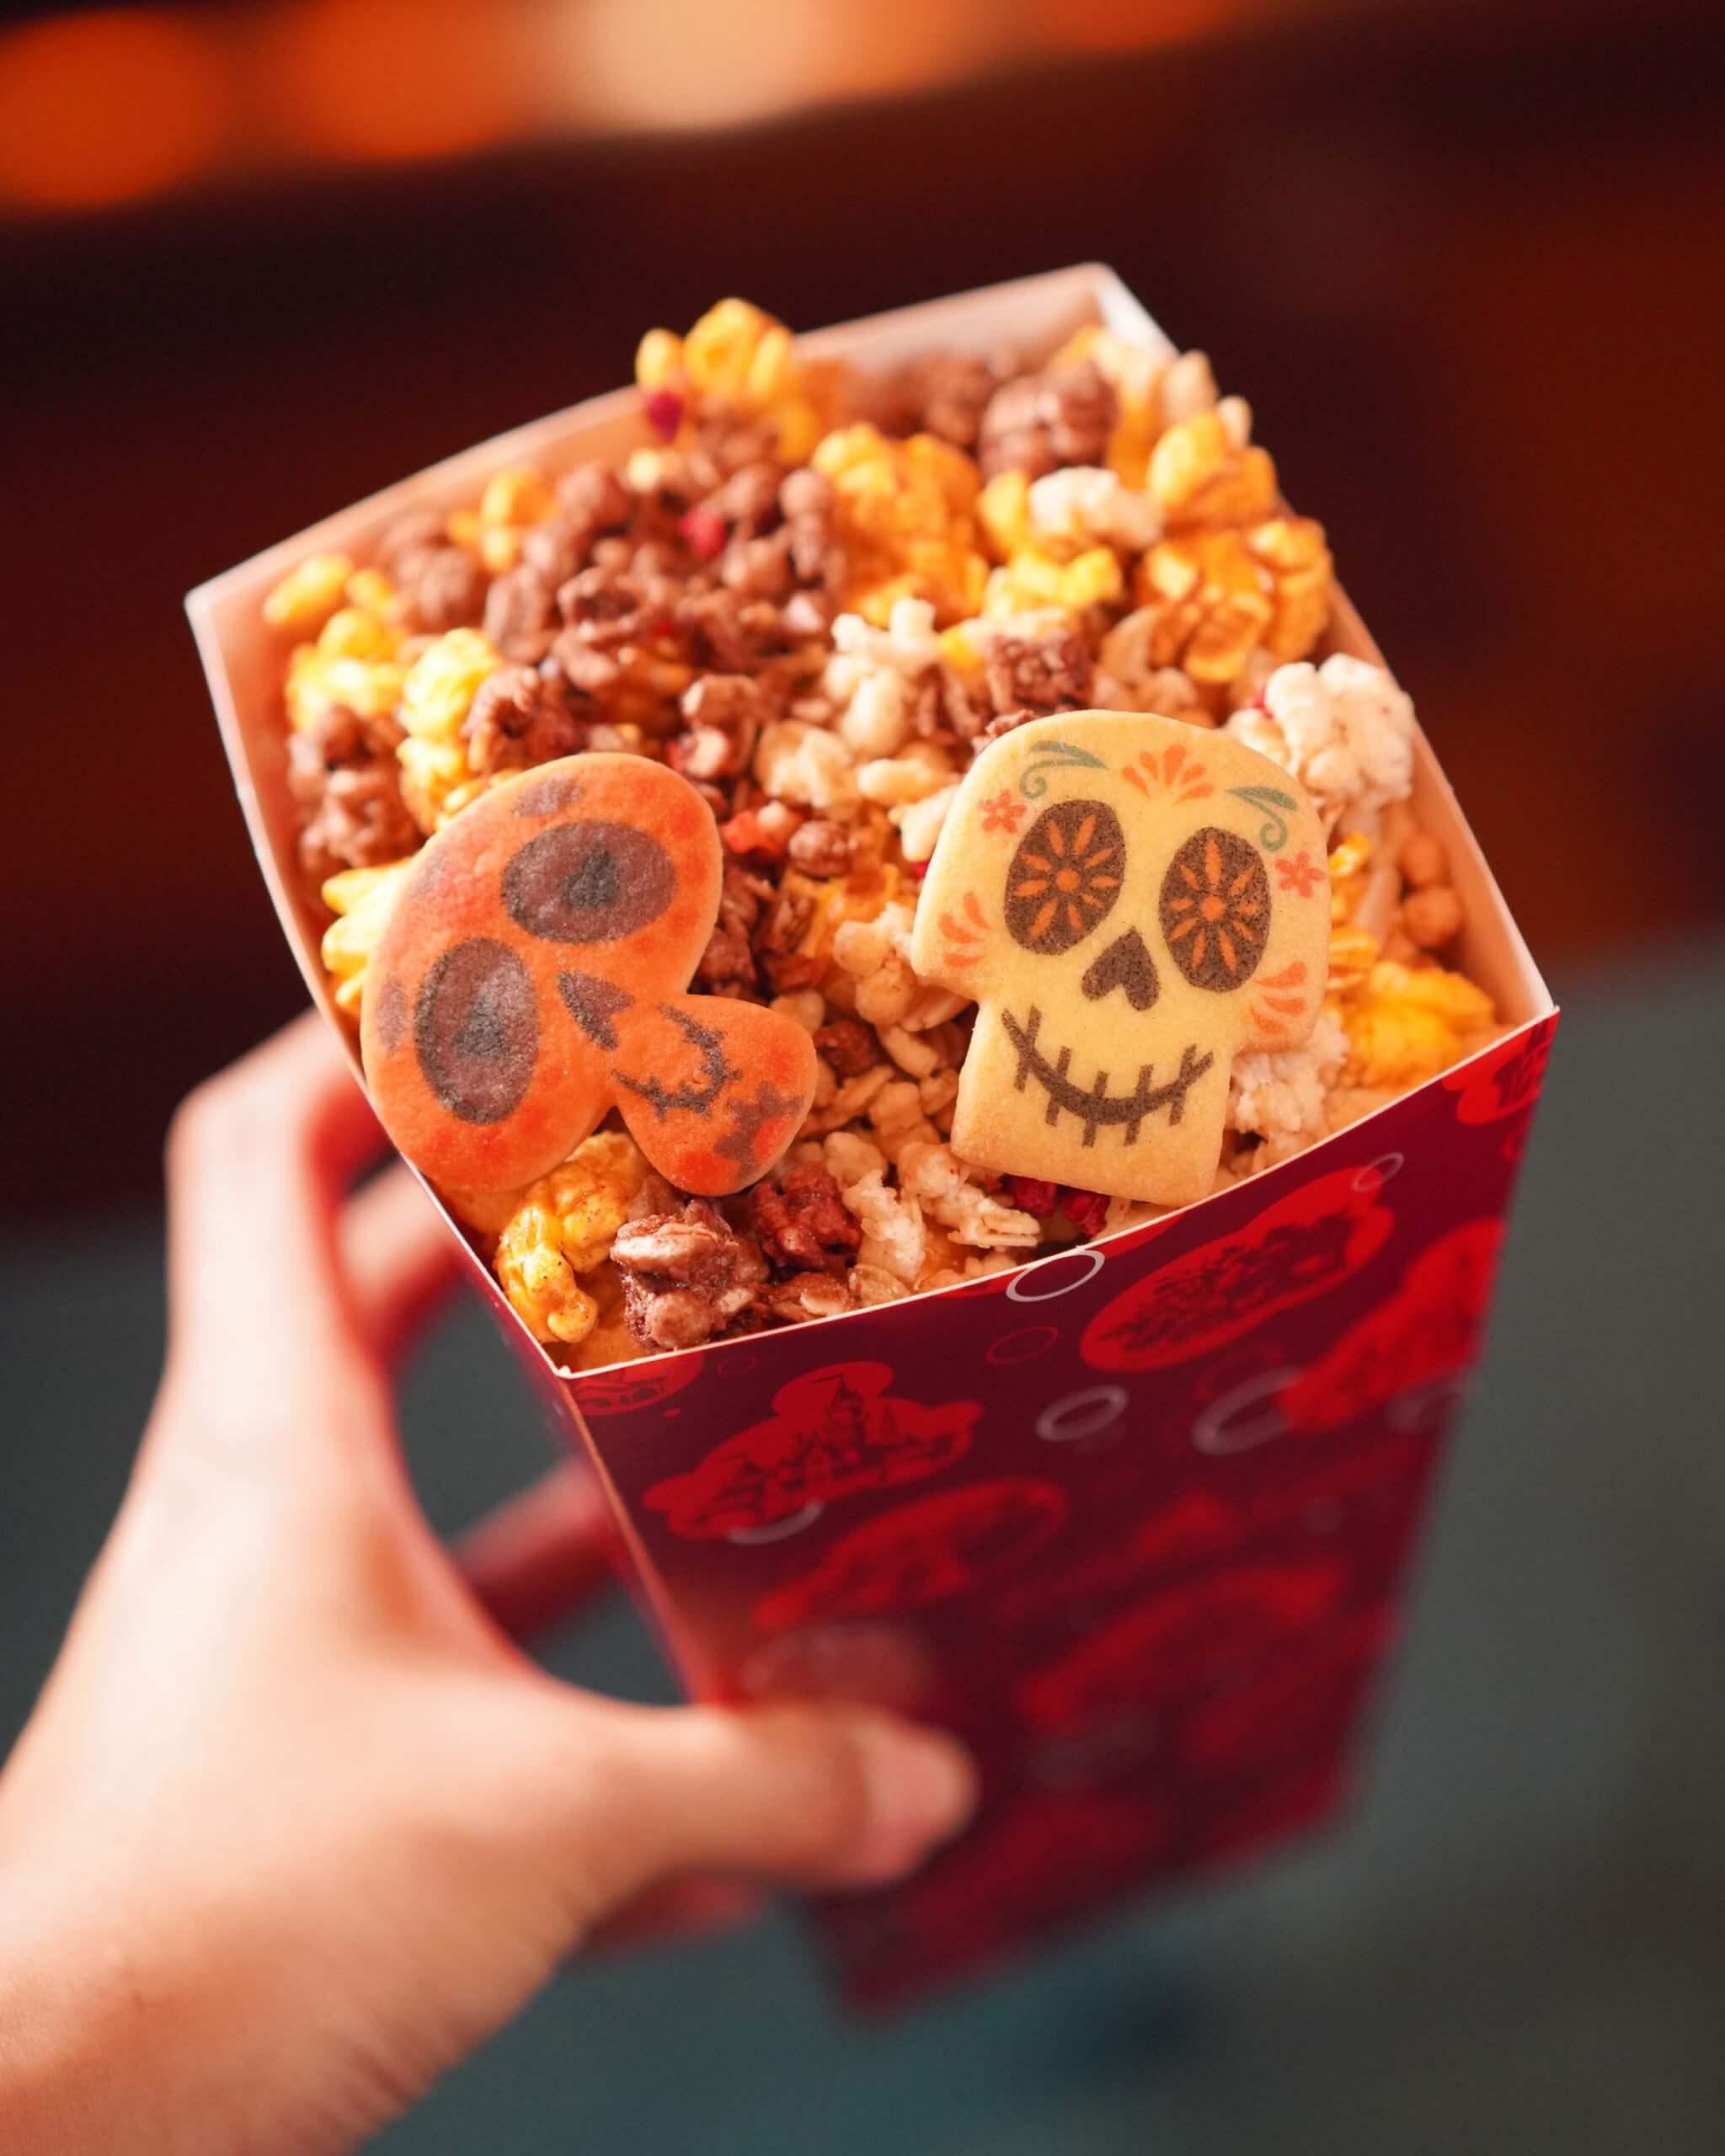 「曲奇爆谷」向《玩轉極樂園》致敬,爆谷中的骷髏面具造型曲奇好玩又好味。